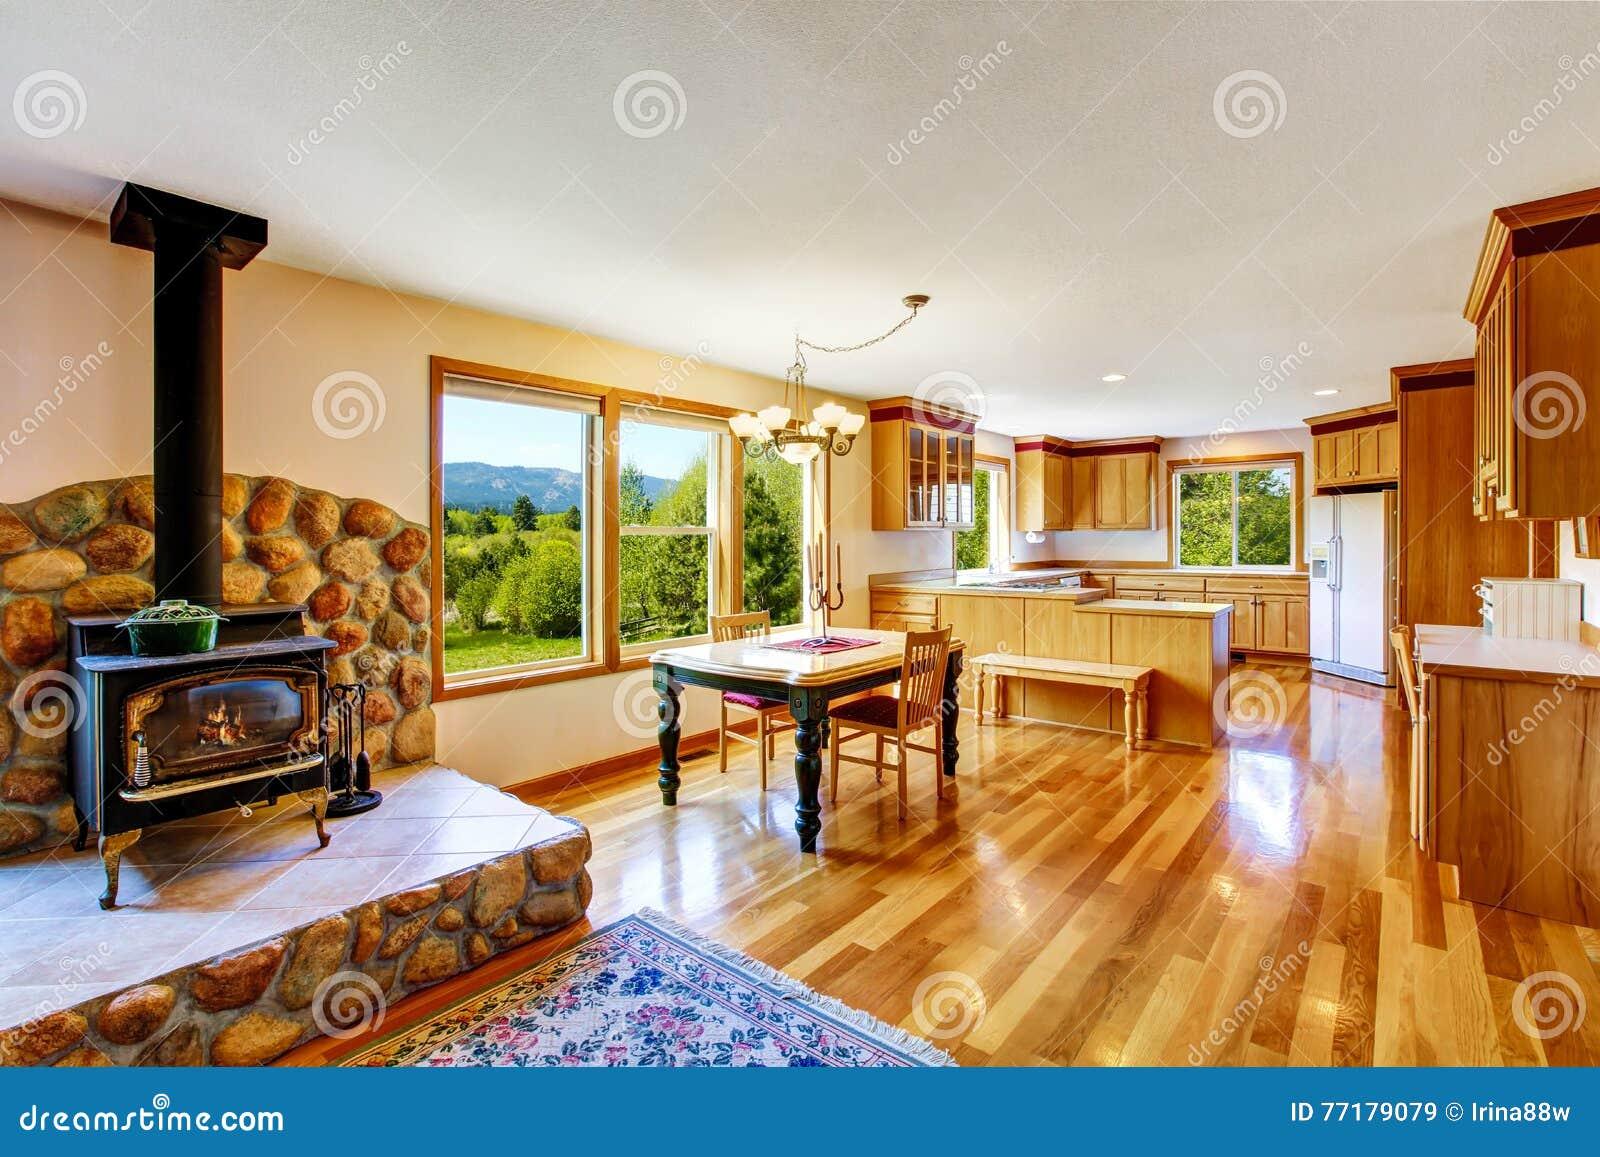 Pranzando ed interno della stanza della cucina con il camino di vecchio stile immagine stock - Cucina con camino ...